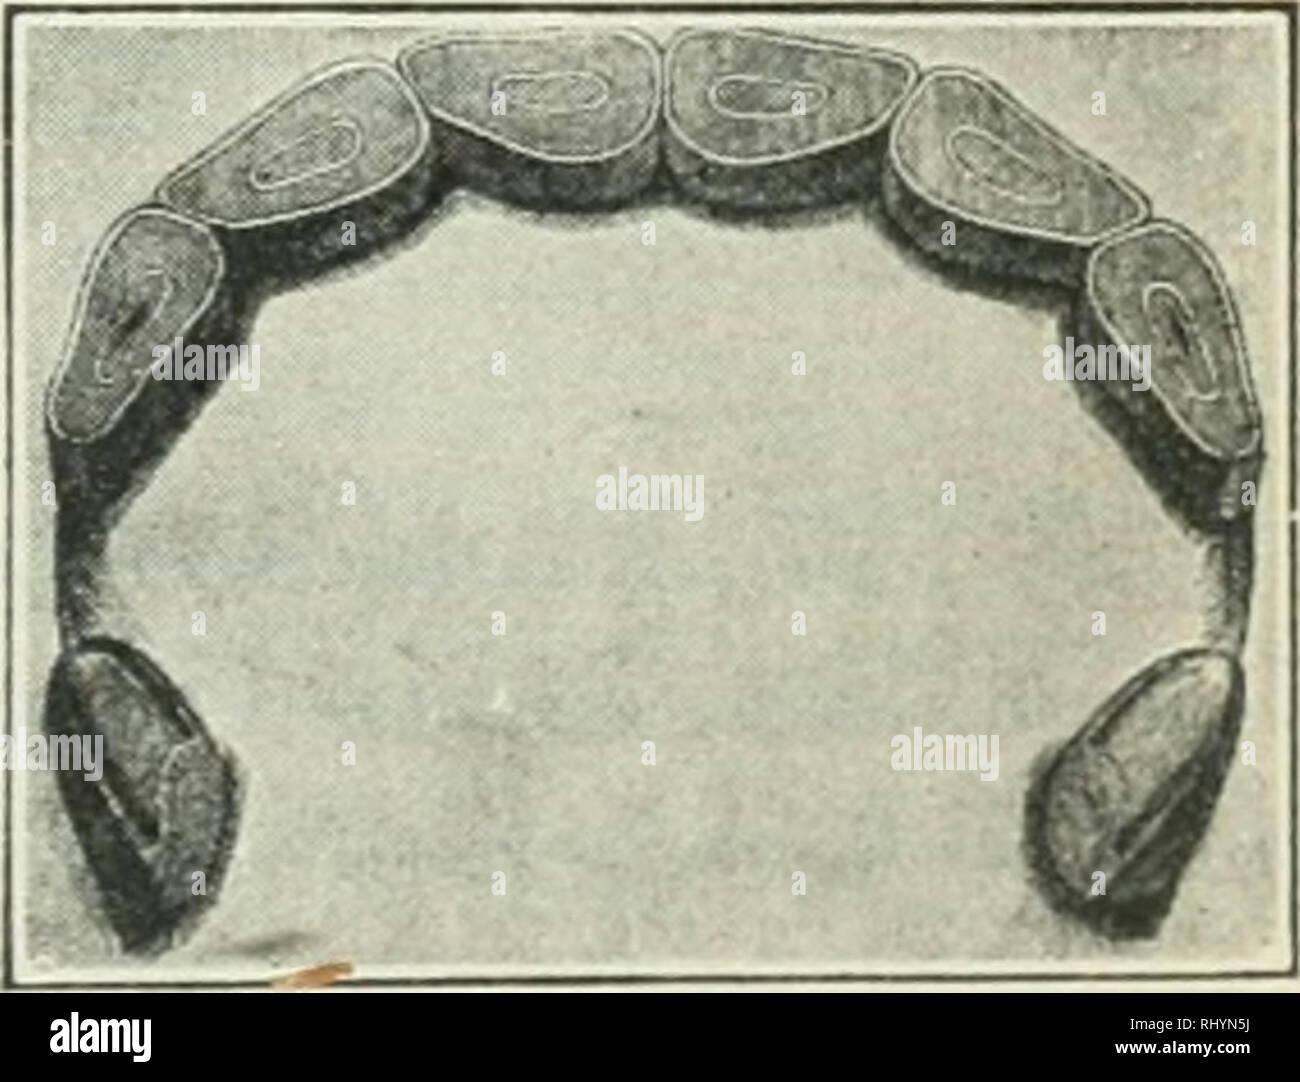 . Inizi in zootecnia. Bestiame; pollame. Fig. Così. S anni.. Si prega di notare che queste immagini vengono estratte dalla pagina sottoposta a scansione di immagini che possono essere state migliorate digitalmente per la leggibilità - Colorazione e aspetto di queste illustrazioni potrebbero non perfettamente assomigliano al lavoro originale. Lord Plumb, Charles Sumner, 1860-1939. San Paolo, Minn. : Webb Pub. Co. Foto Stock